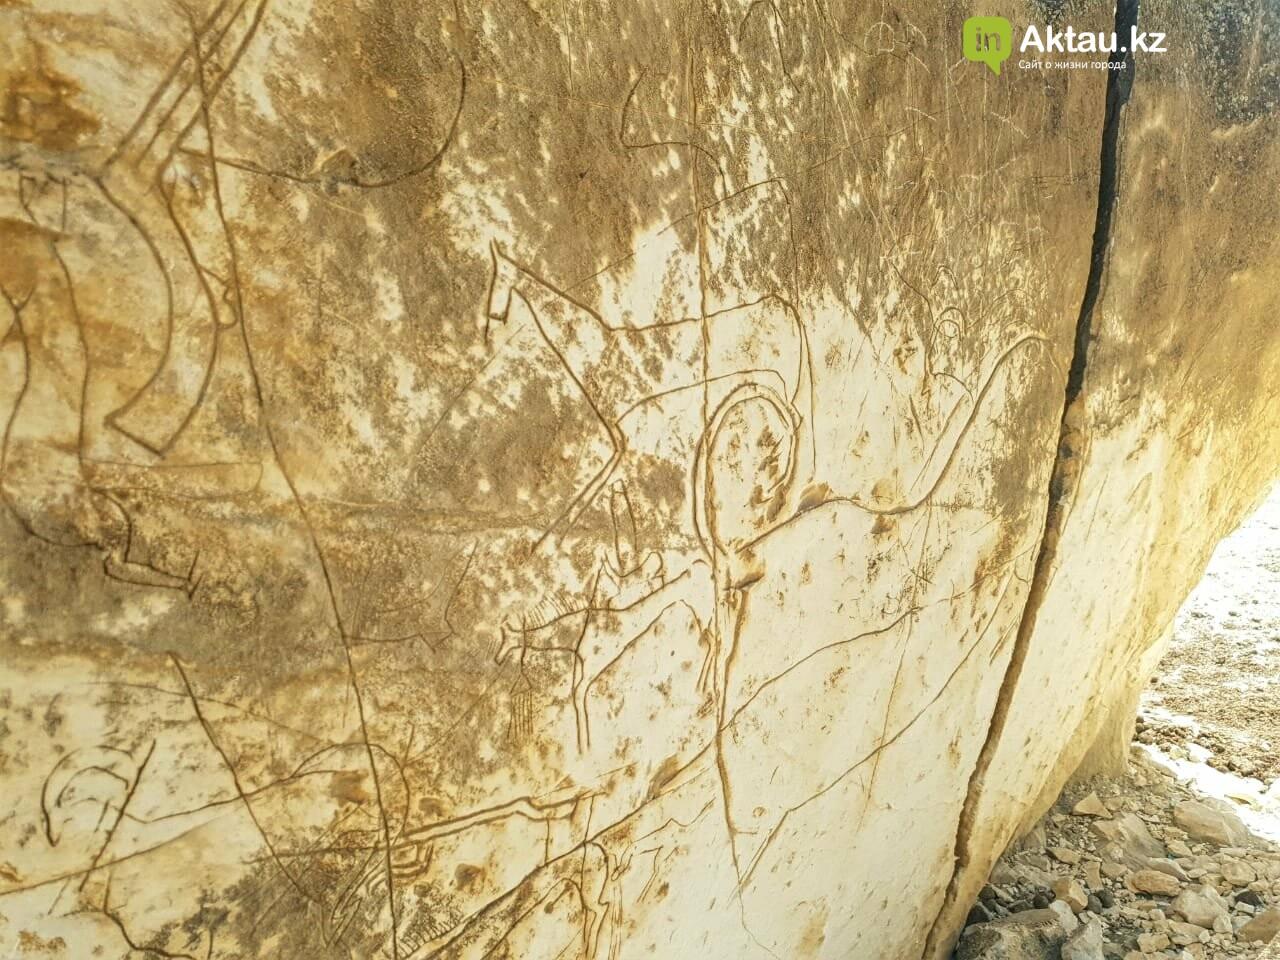 Долина замков – Айракты: Мангистау во всем своем величии (ФОТО), фото-5